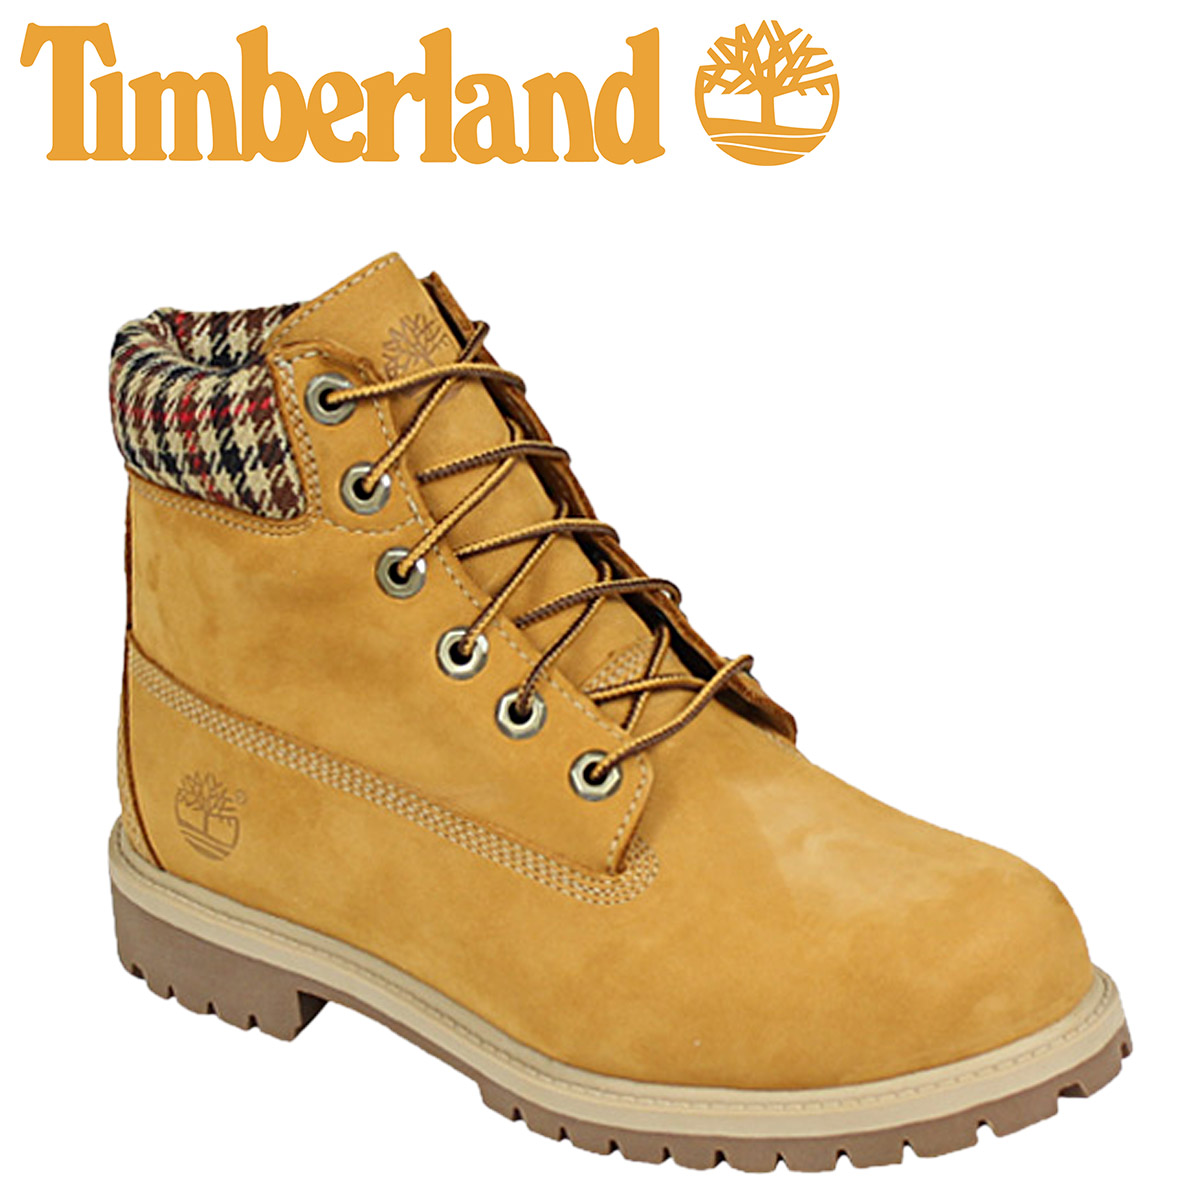 de986533b67 ALLSPORTS: [SOLD OUT] Timberland Timberland kids women's junior 6 ...